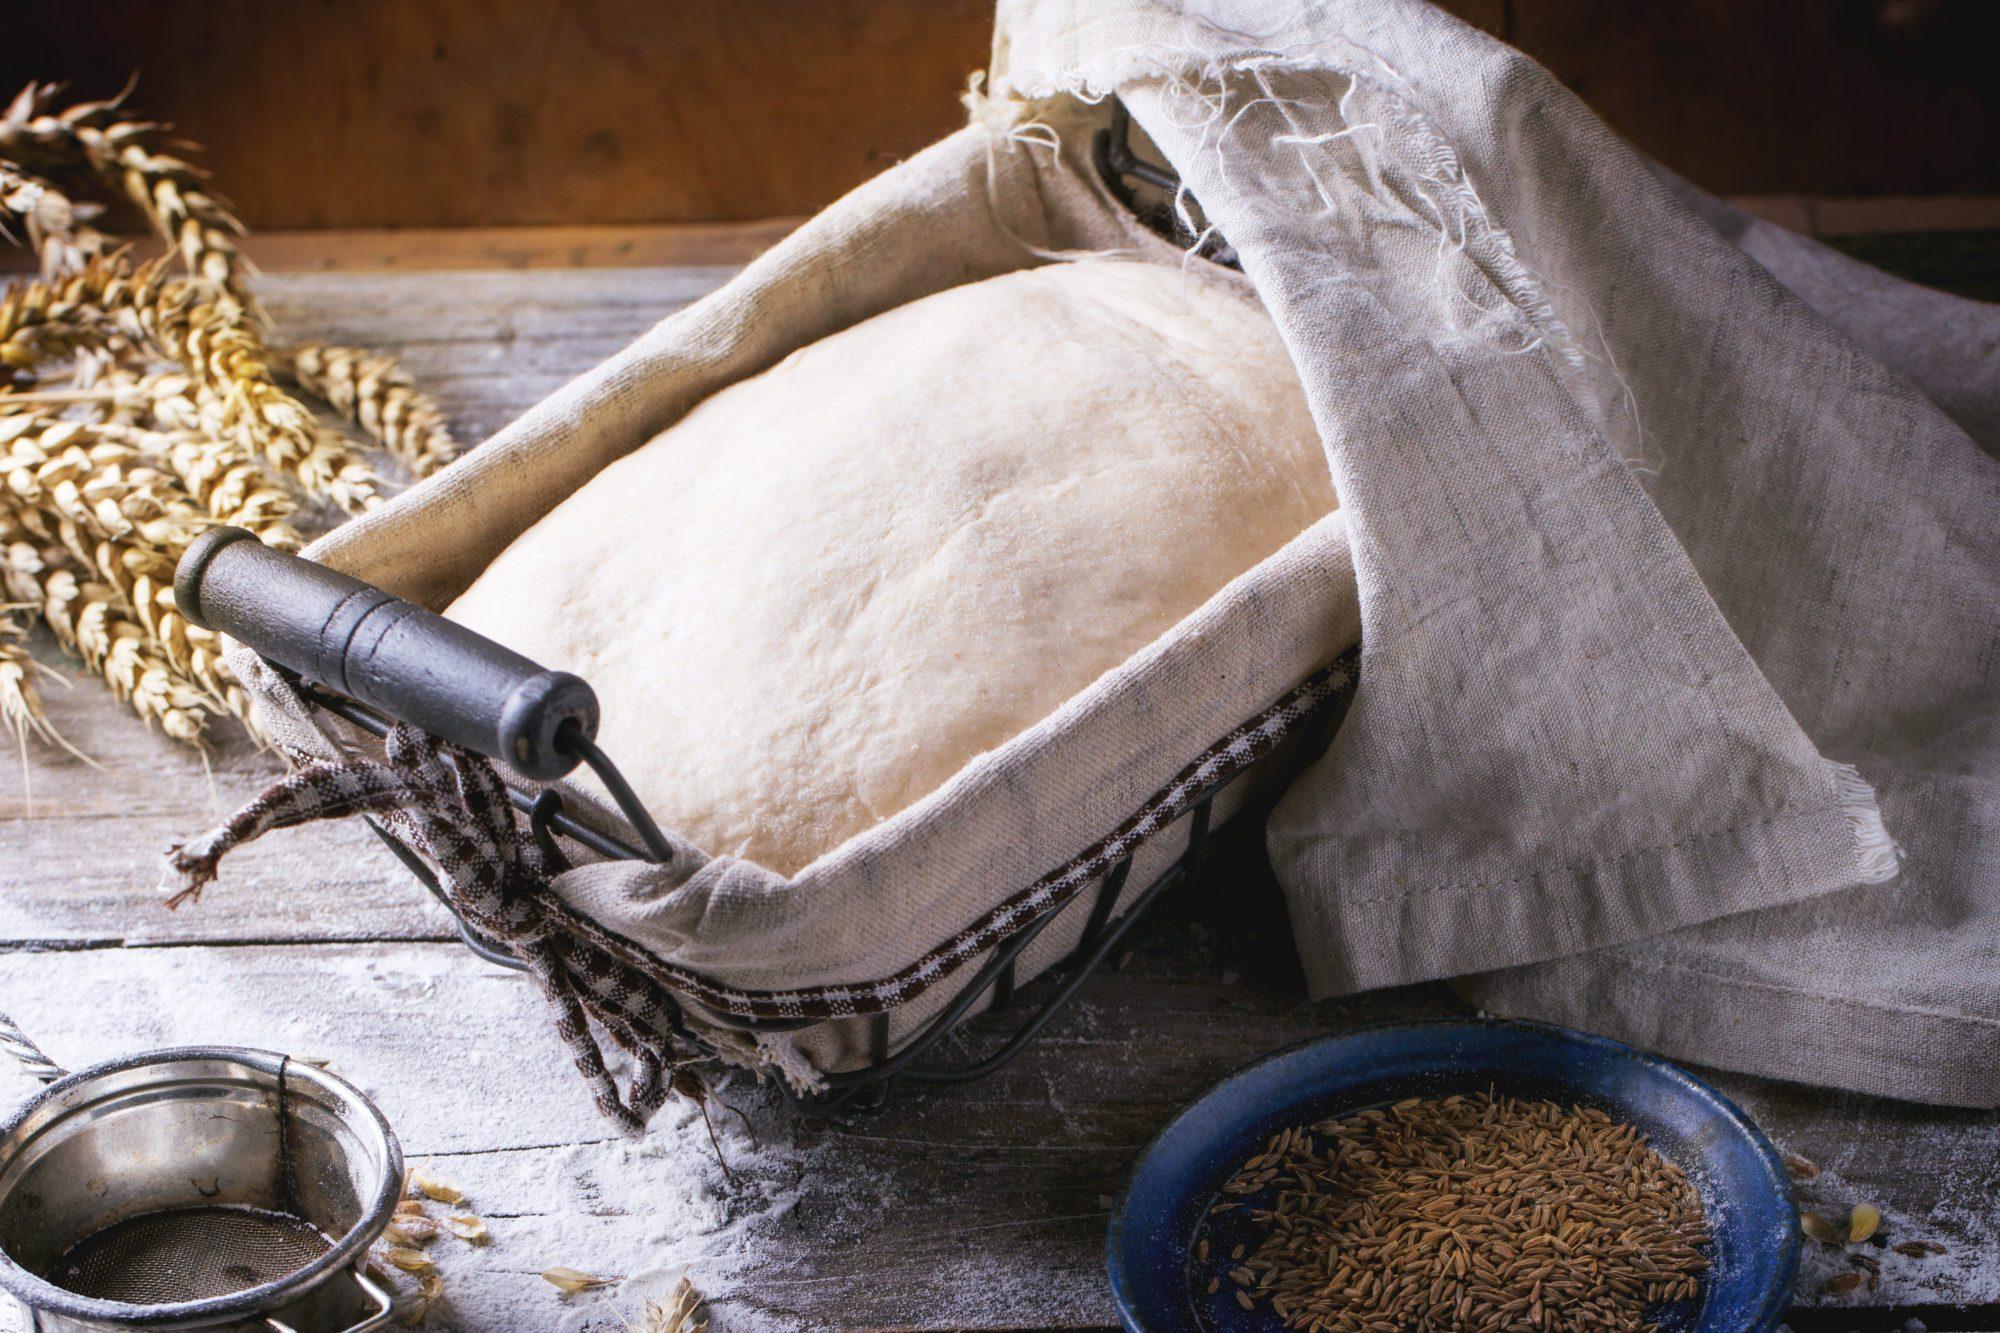 Domowa piekarnia, czyli jaką mąką jesteś?